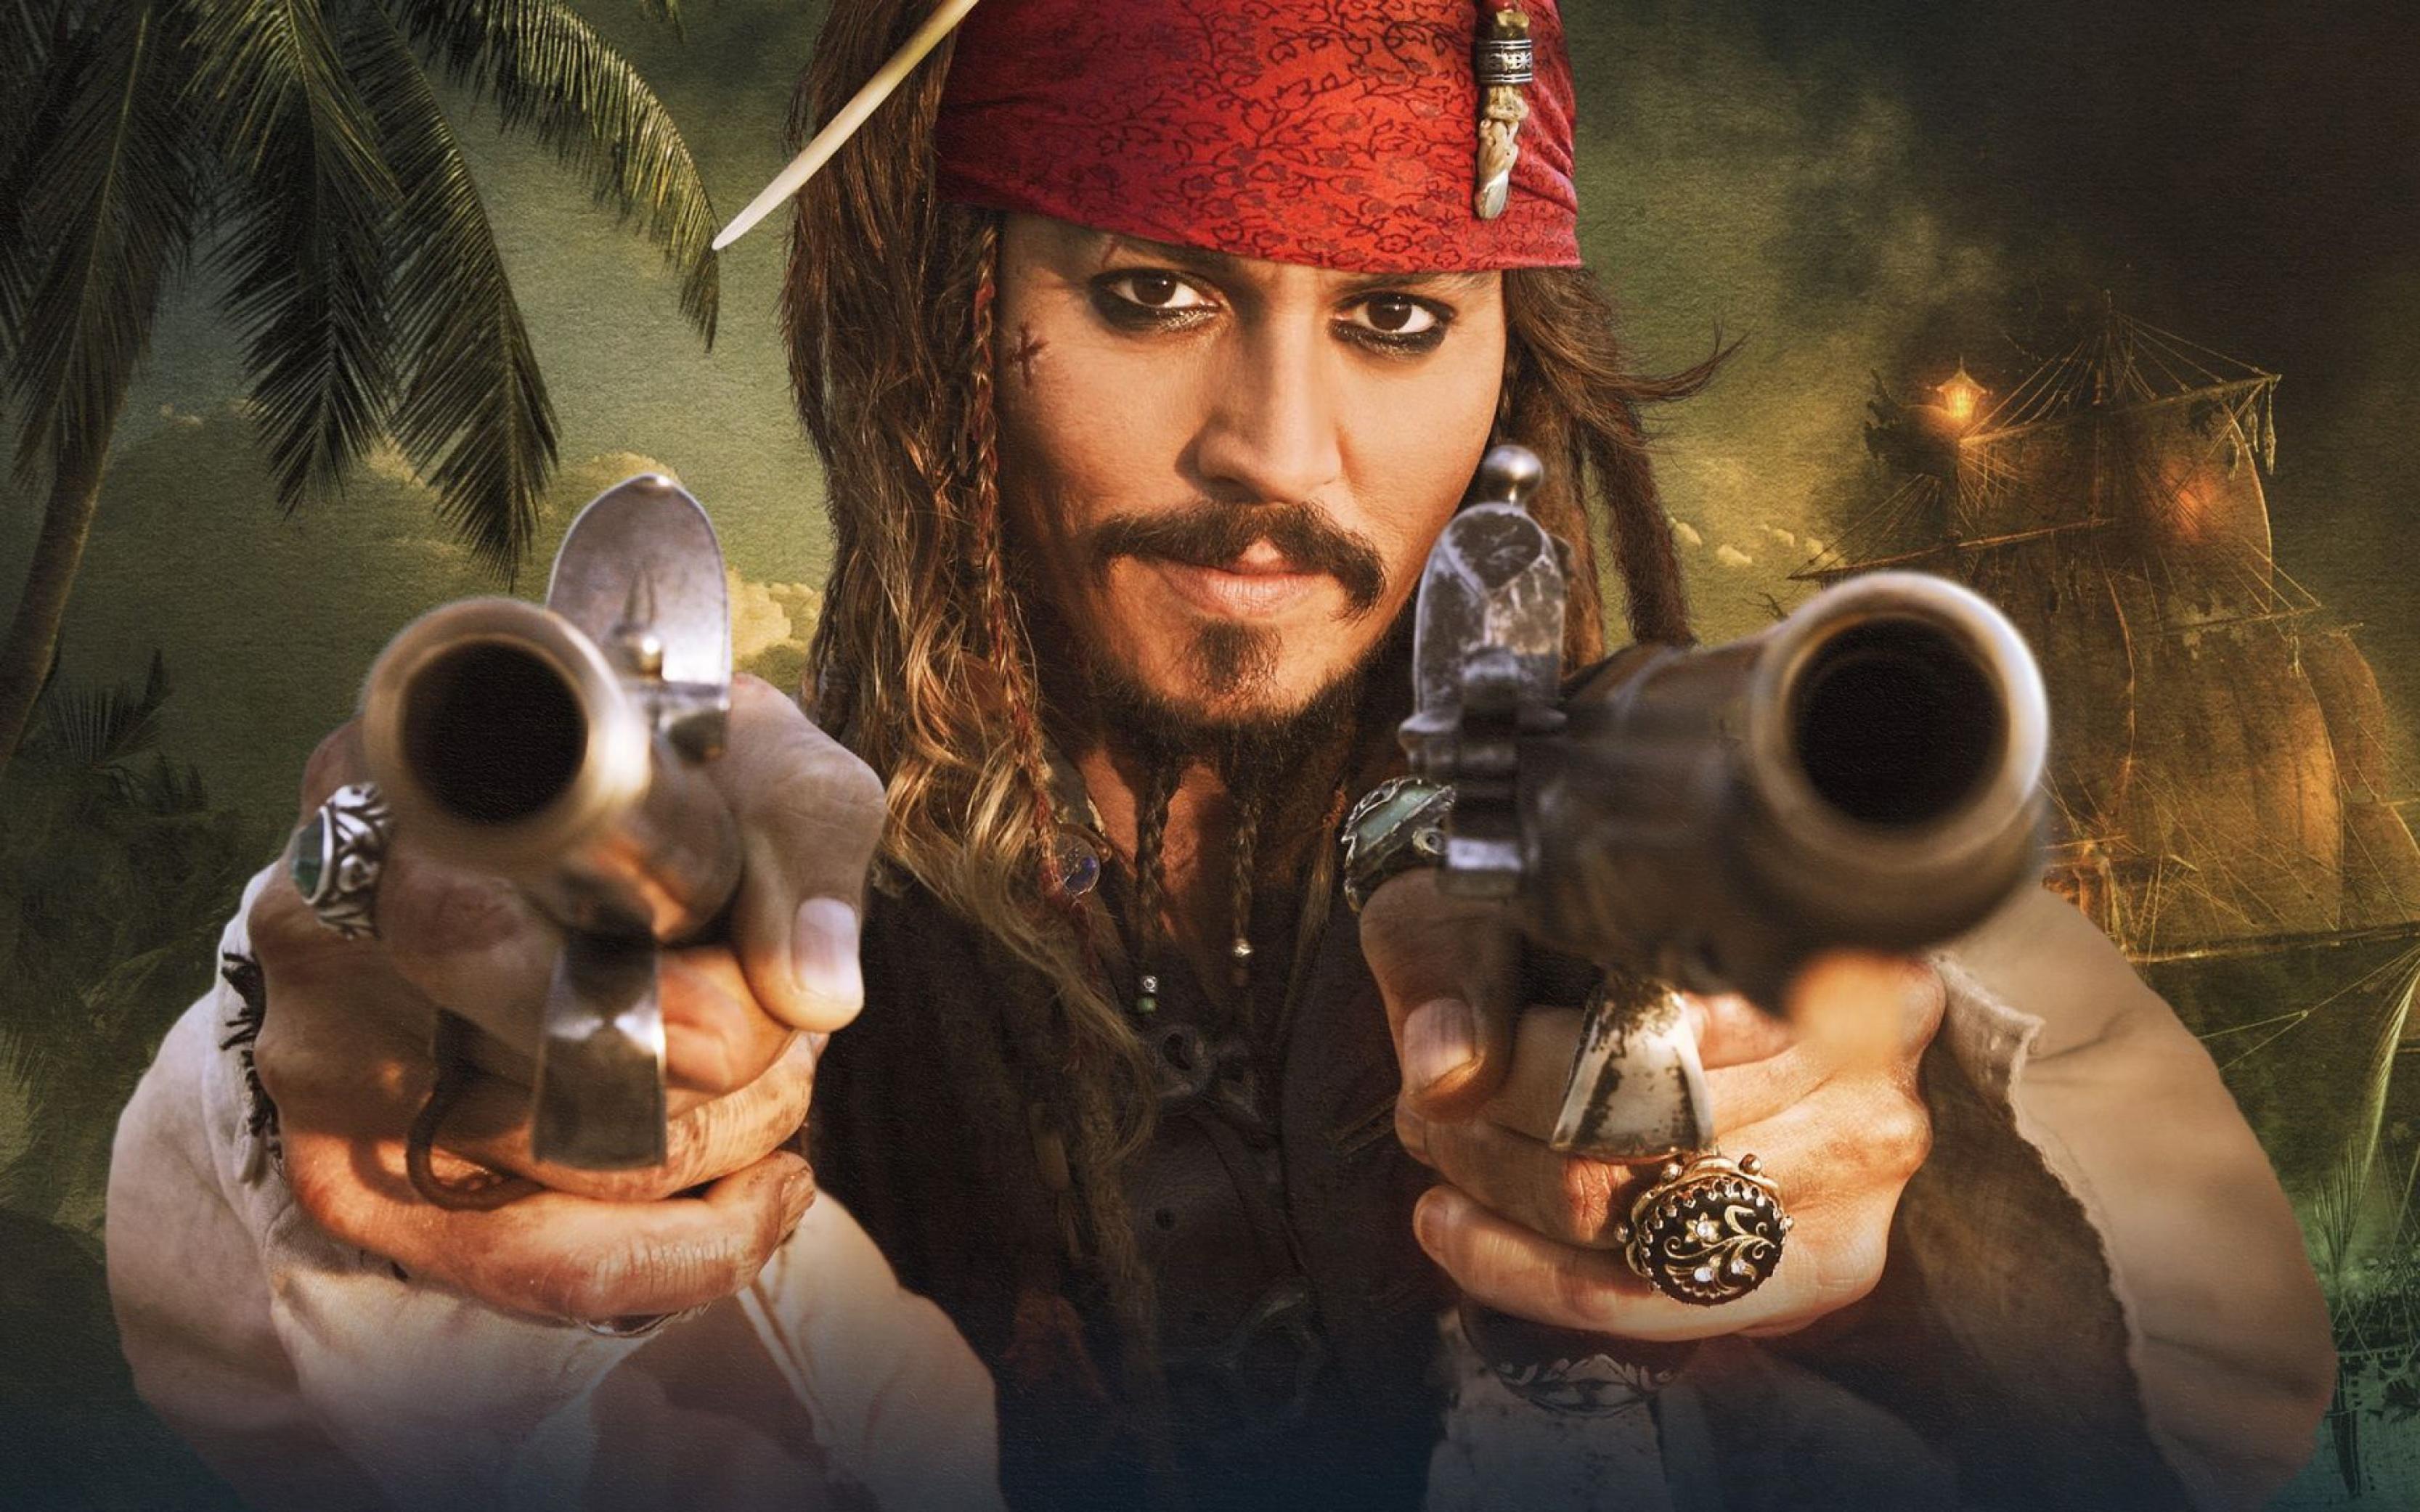 بالصور سلسلة افلام قراصنة الكاريبي 5 20160703 219